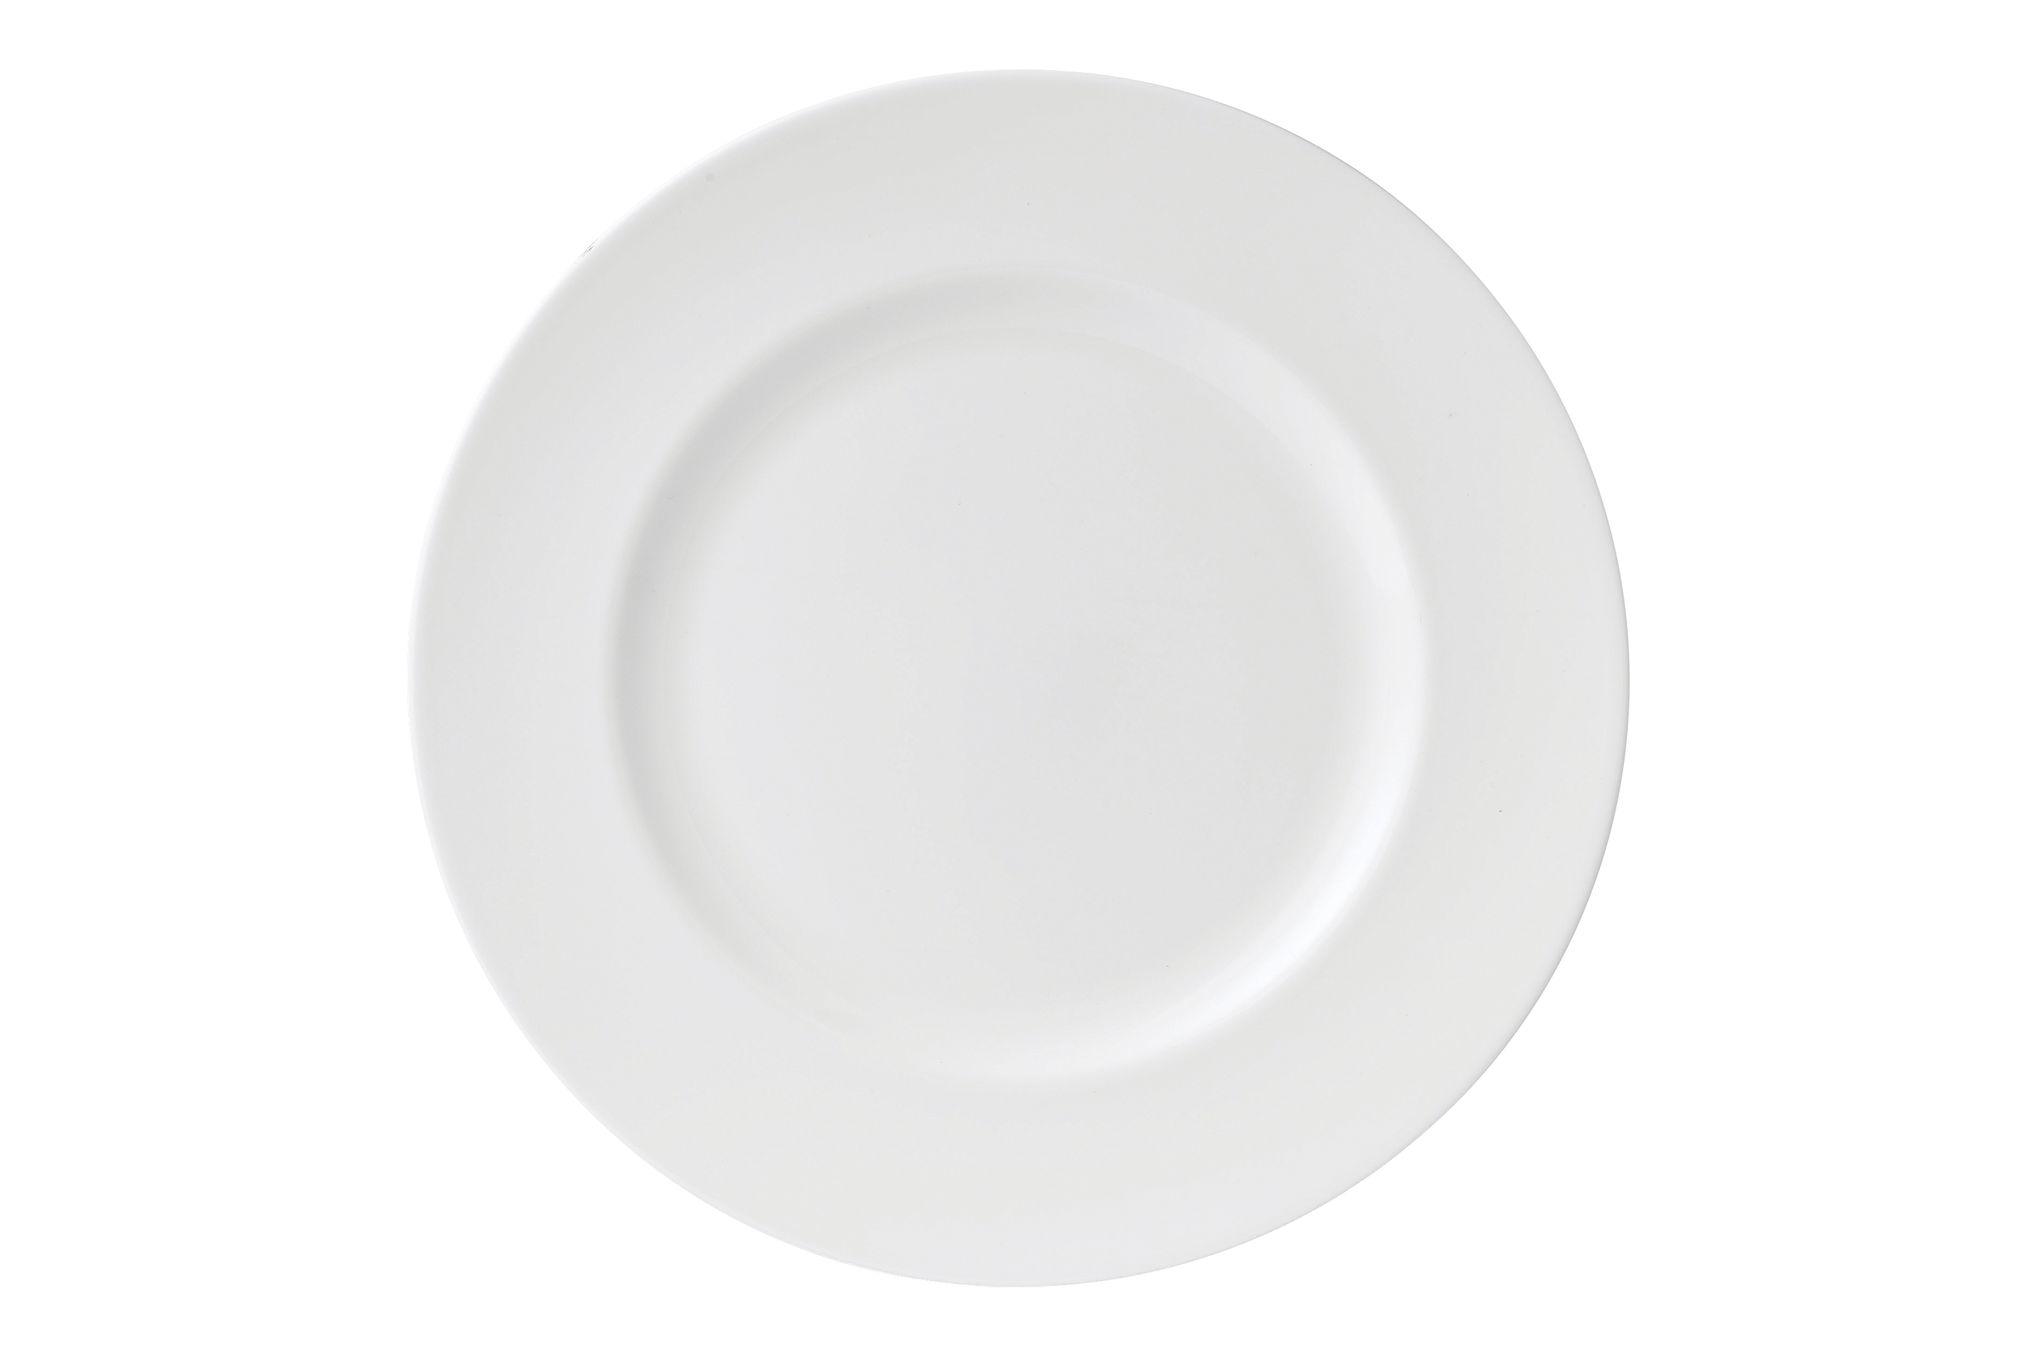 """Wedgwood Wedgwood White Dinner Plate 10 5/8"""" thumb 1"""